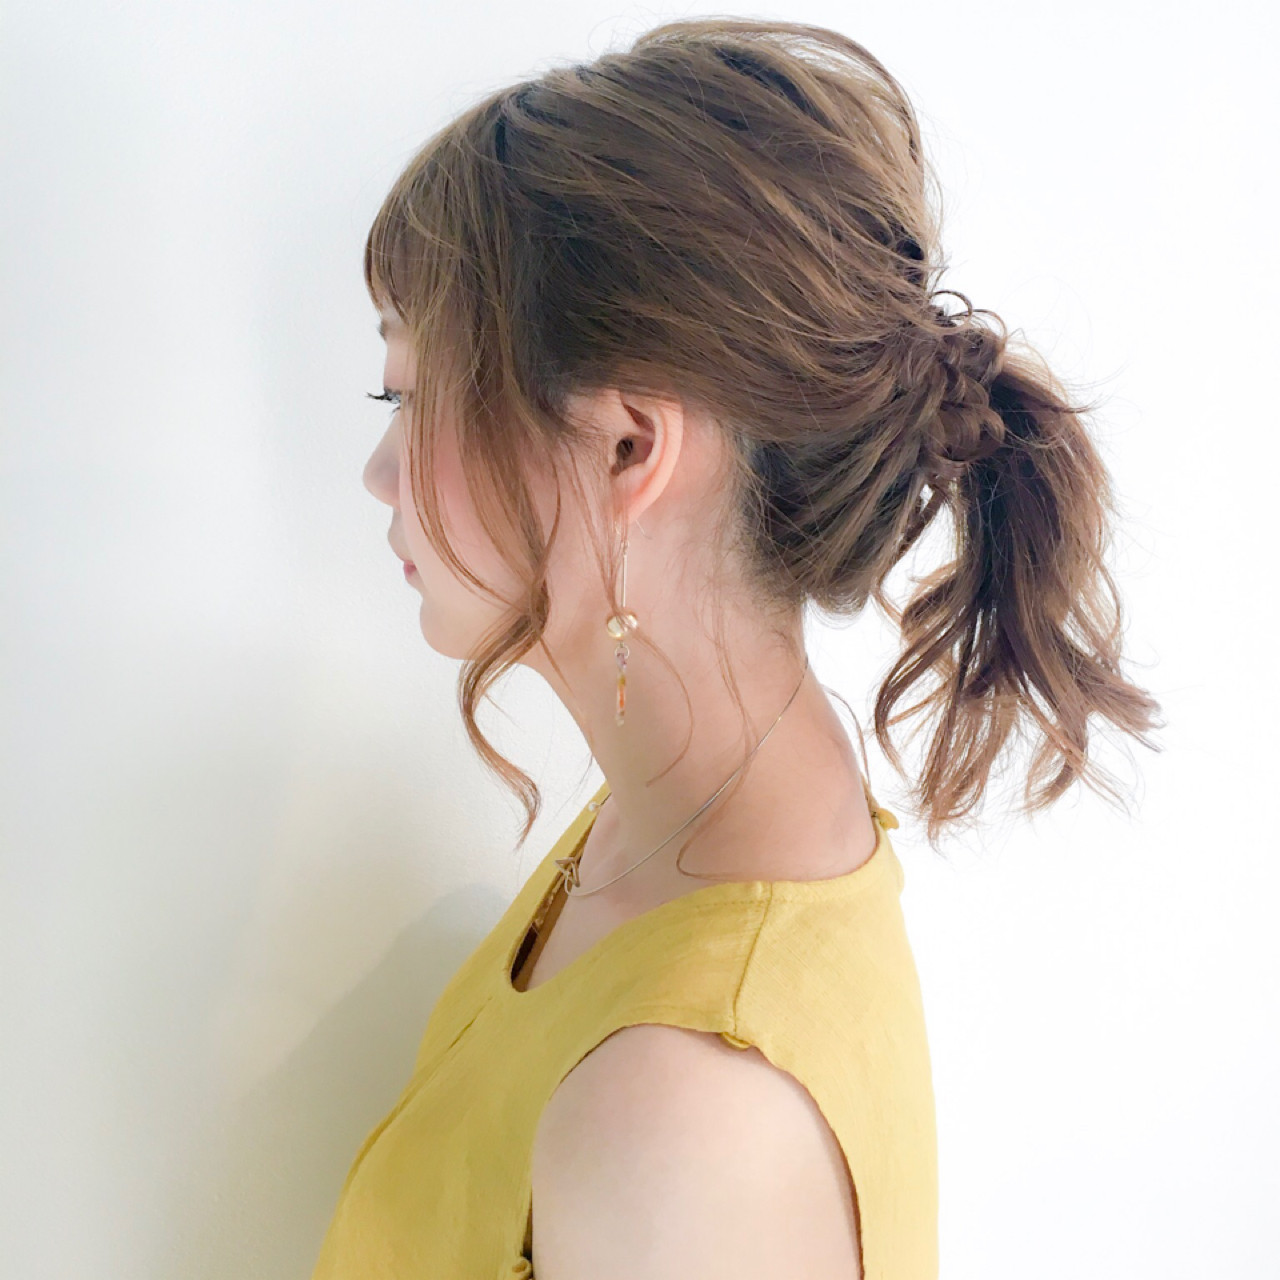 セミロング デート 女子会 ポニーテール ヘアスタイルや髪型の写真・画像